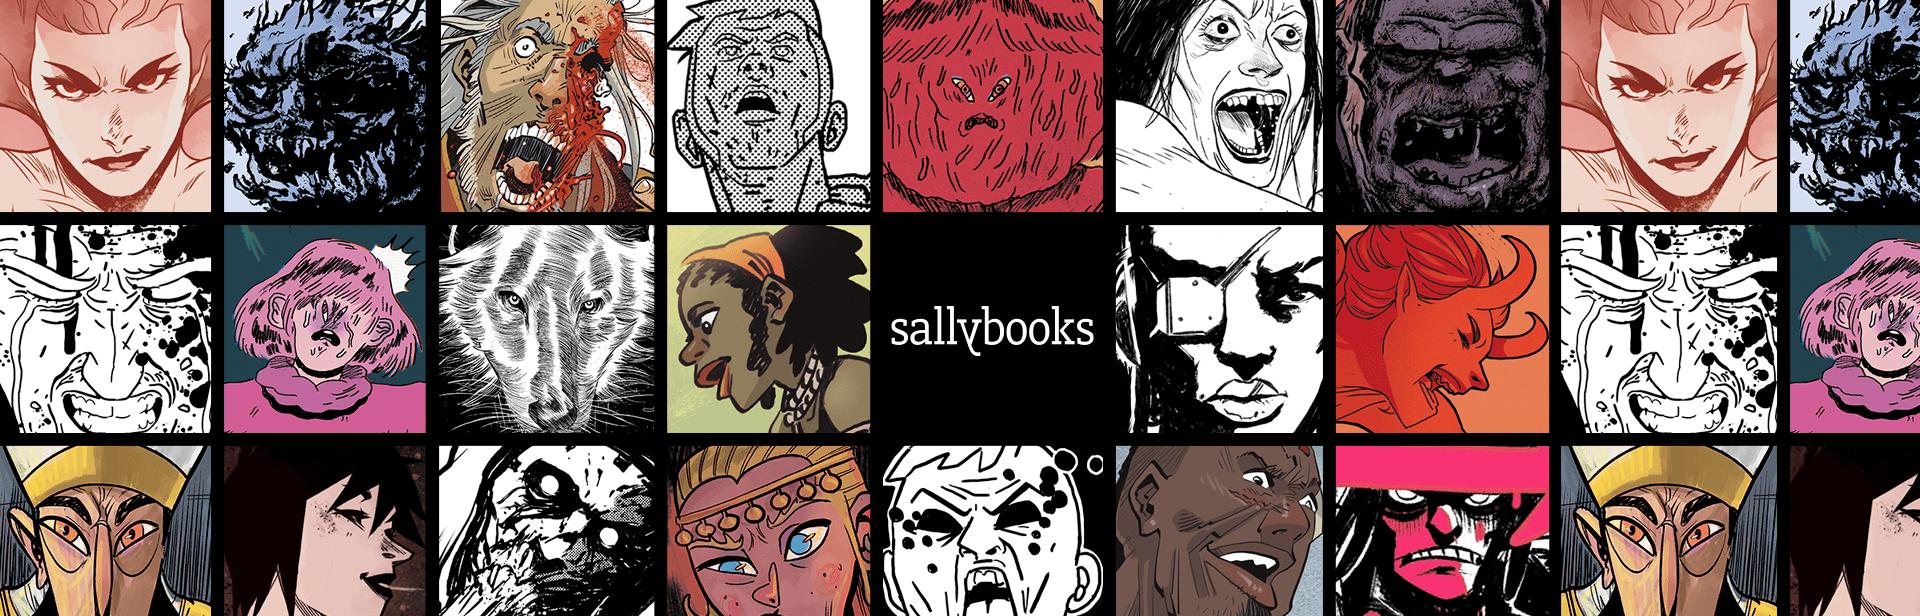 Nueva colección de cómics en Sallybooks